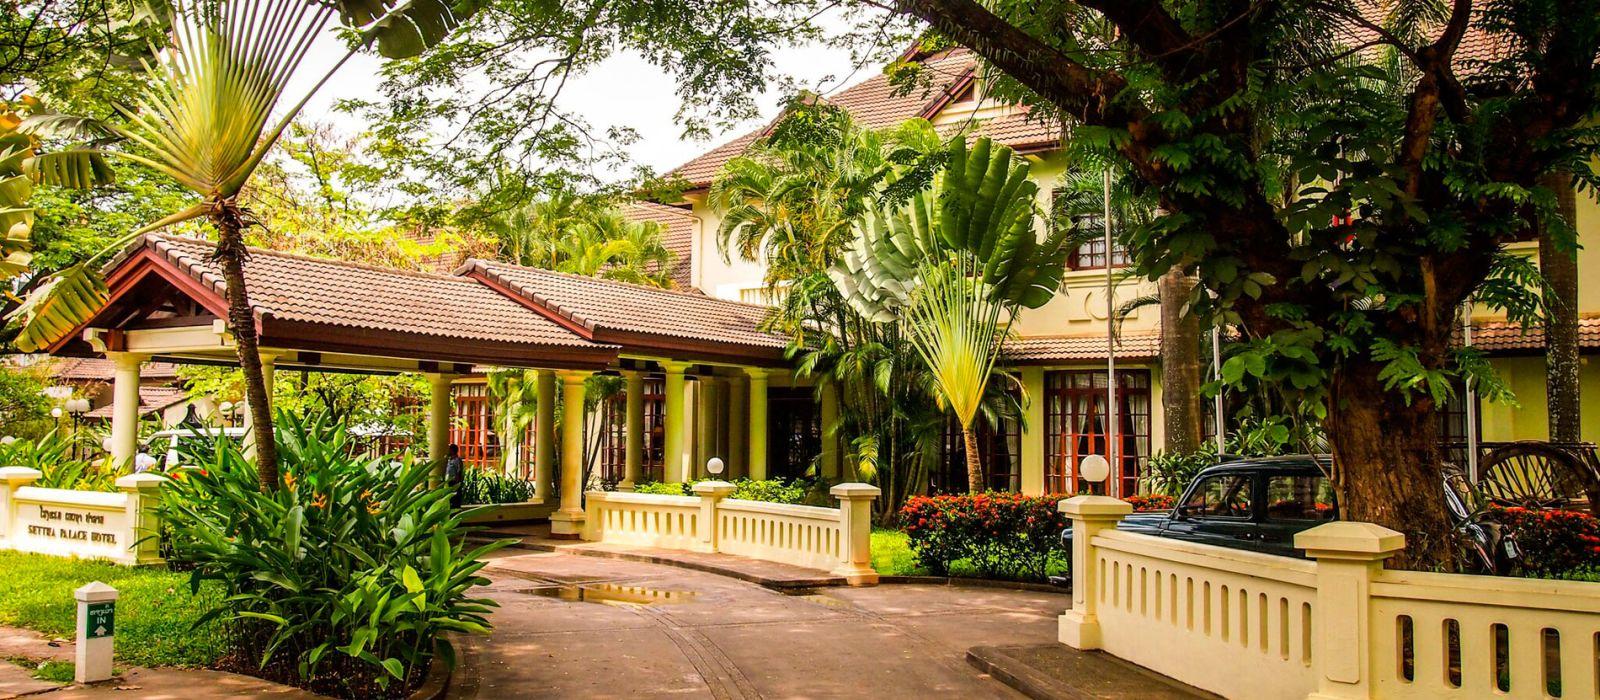 Hotel Settha Palace  Laos